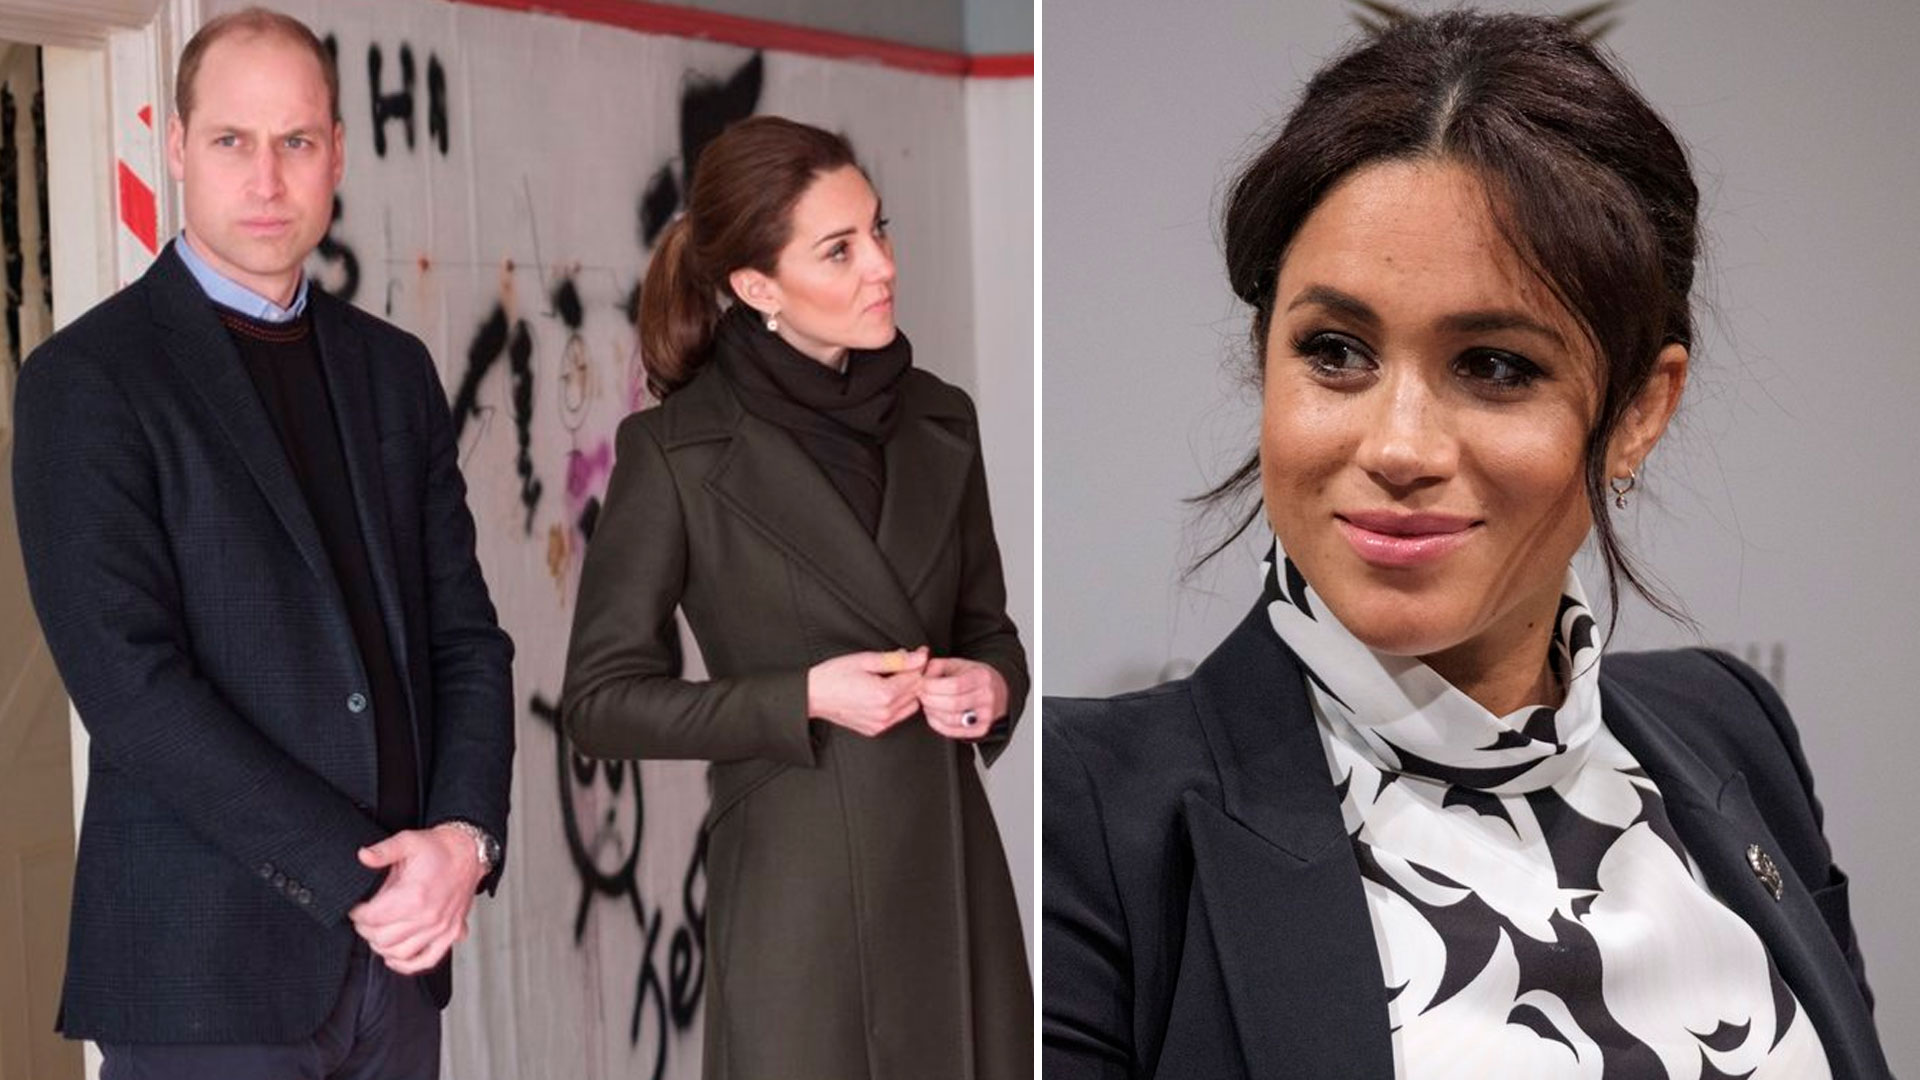 Meghan Markle prepara cambios en su vida como duquesa (Foto: Twitter @KensingtonRoyal)